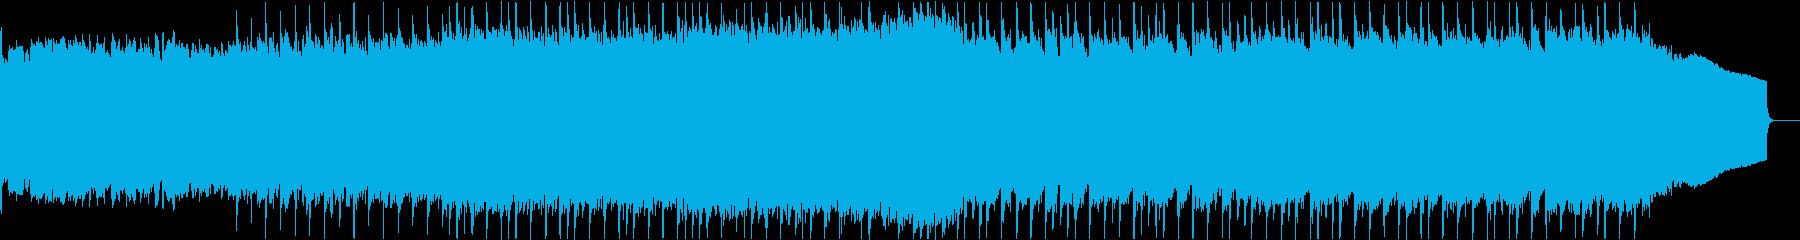 明るくポジティブな雰囲気のBGMの再生済みの波形